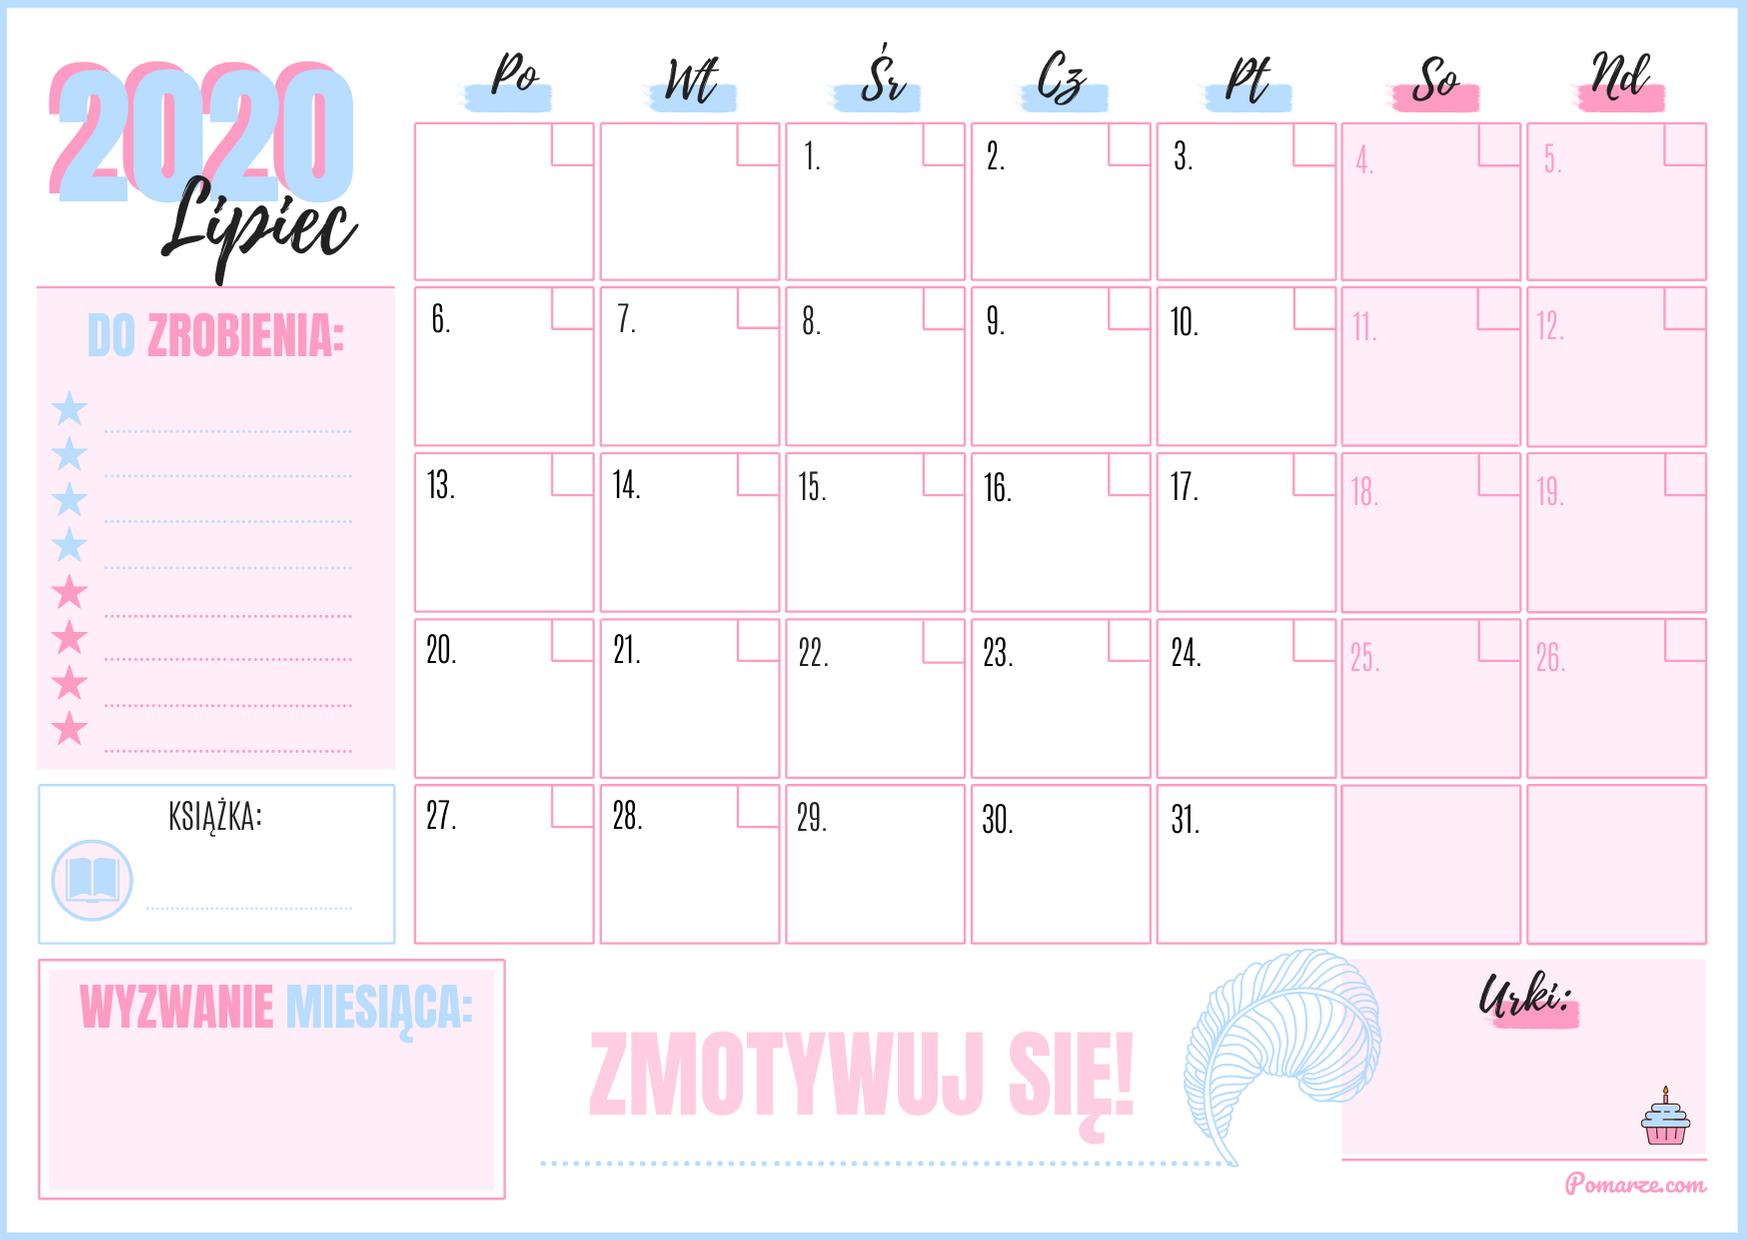 piekny kolorowy Kalendarz miesieczny planer Lipiec 2020